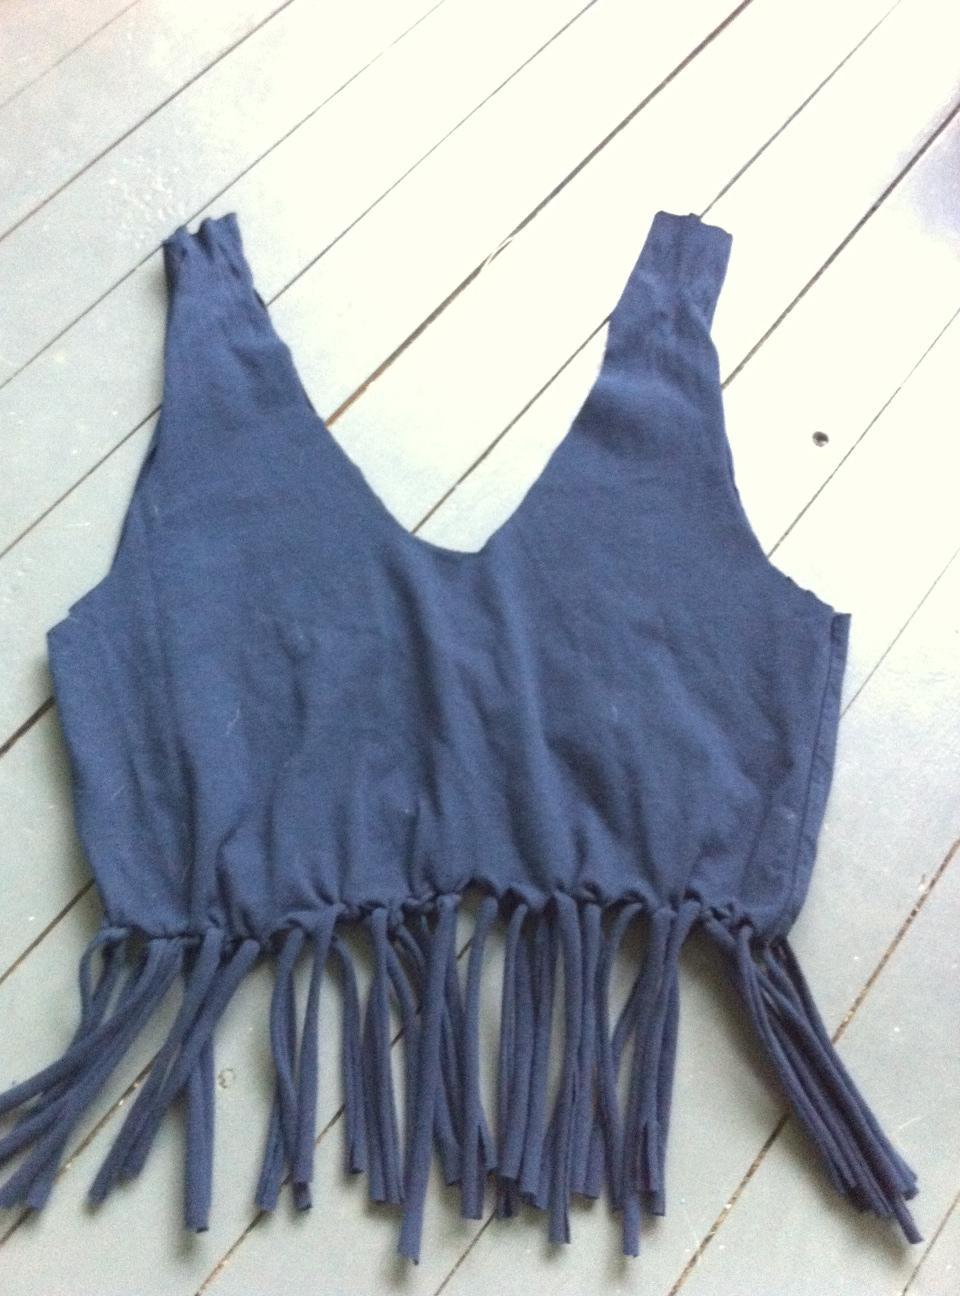 fringe bag from t shirtDIY No sew fringe Tshirt tote bag Tealou Sweetpea bySyBU5M